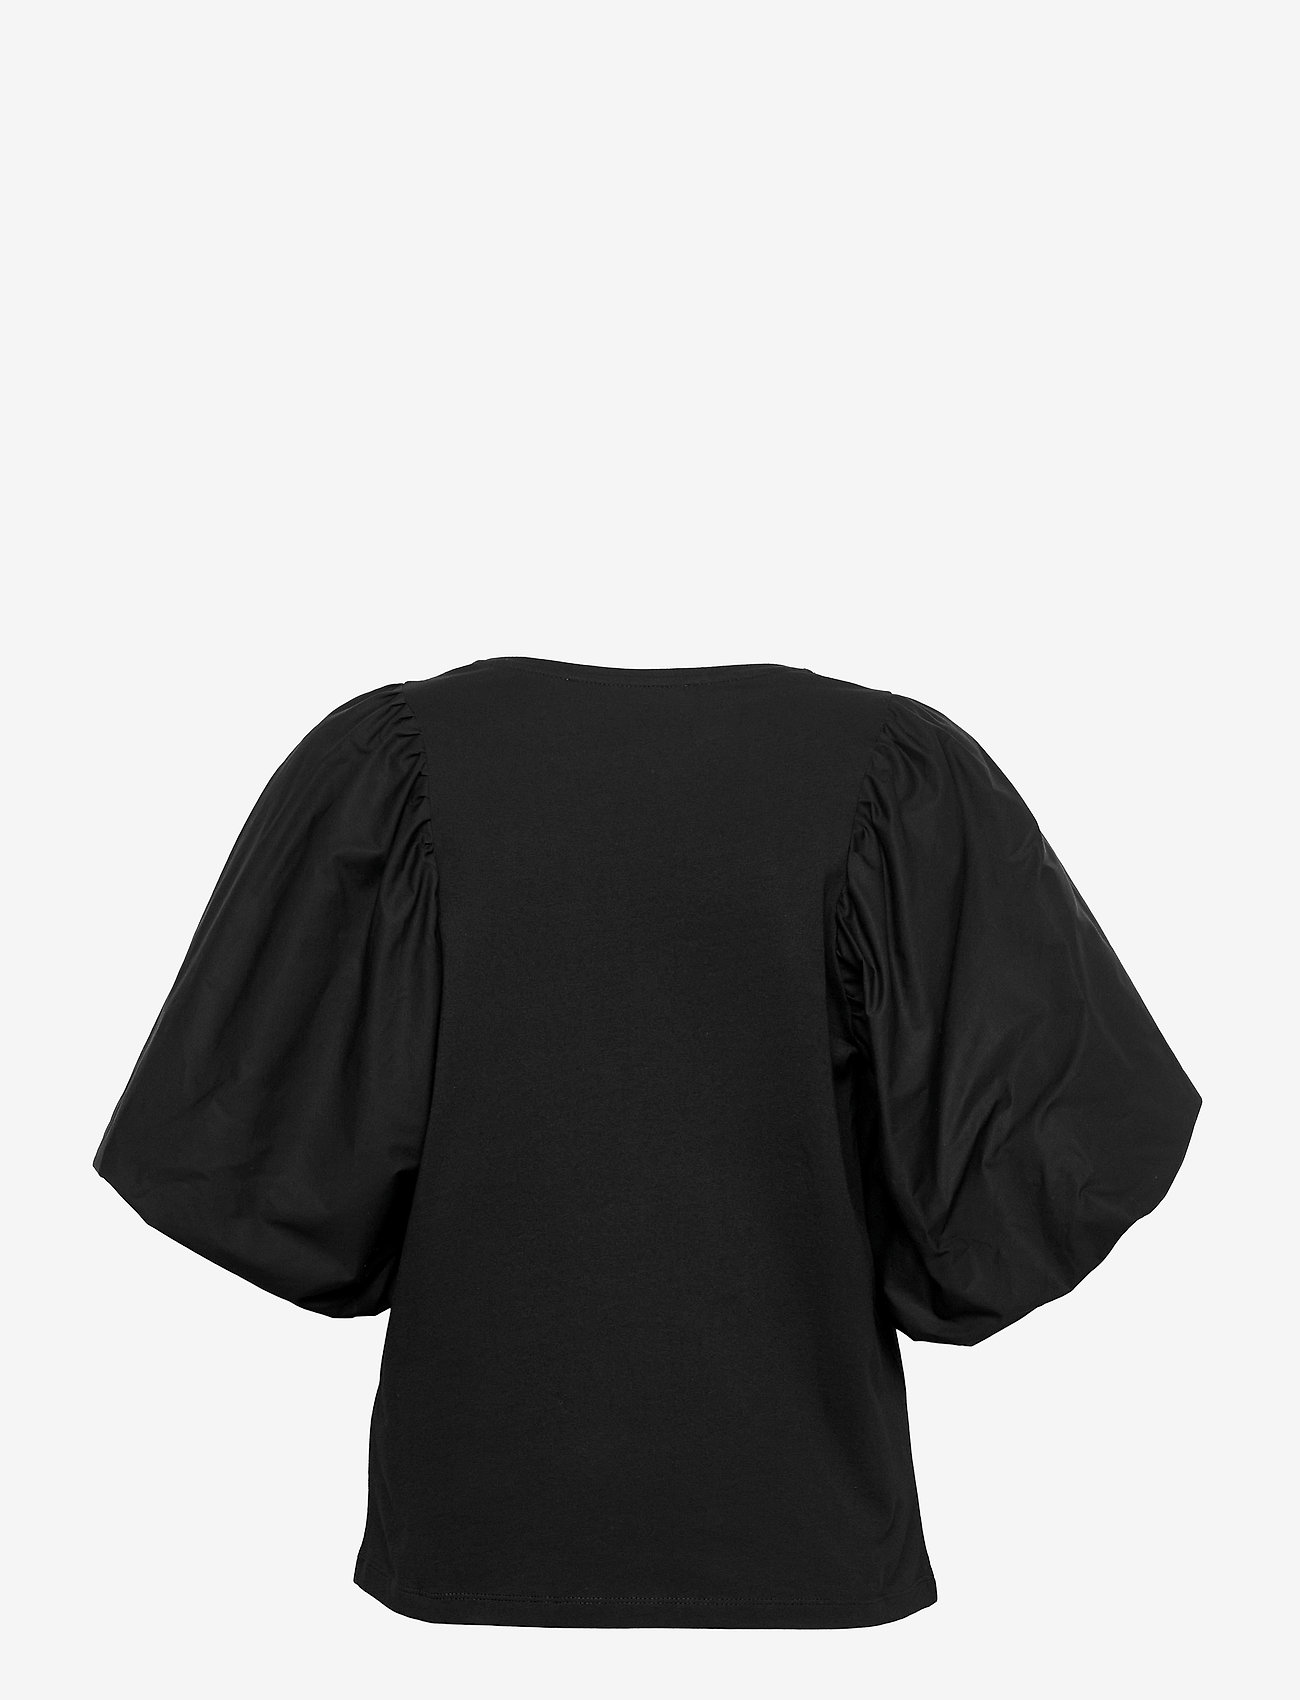 Selected Femme - SLFADRIANNA 2/4 TEE - kurzämlige blusen - black - 1